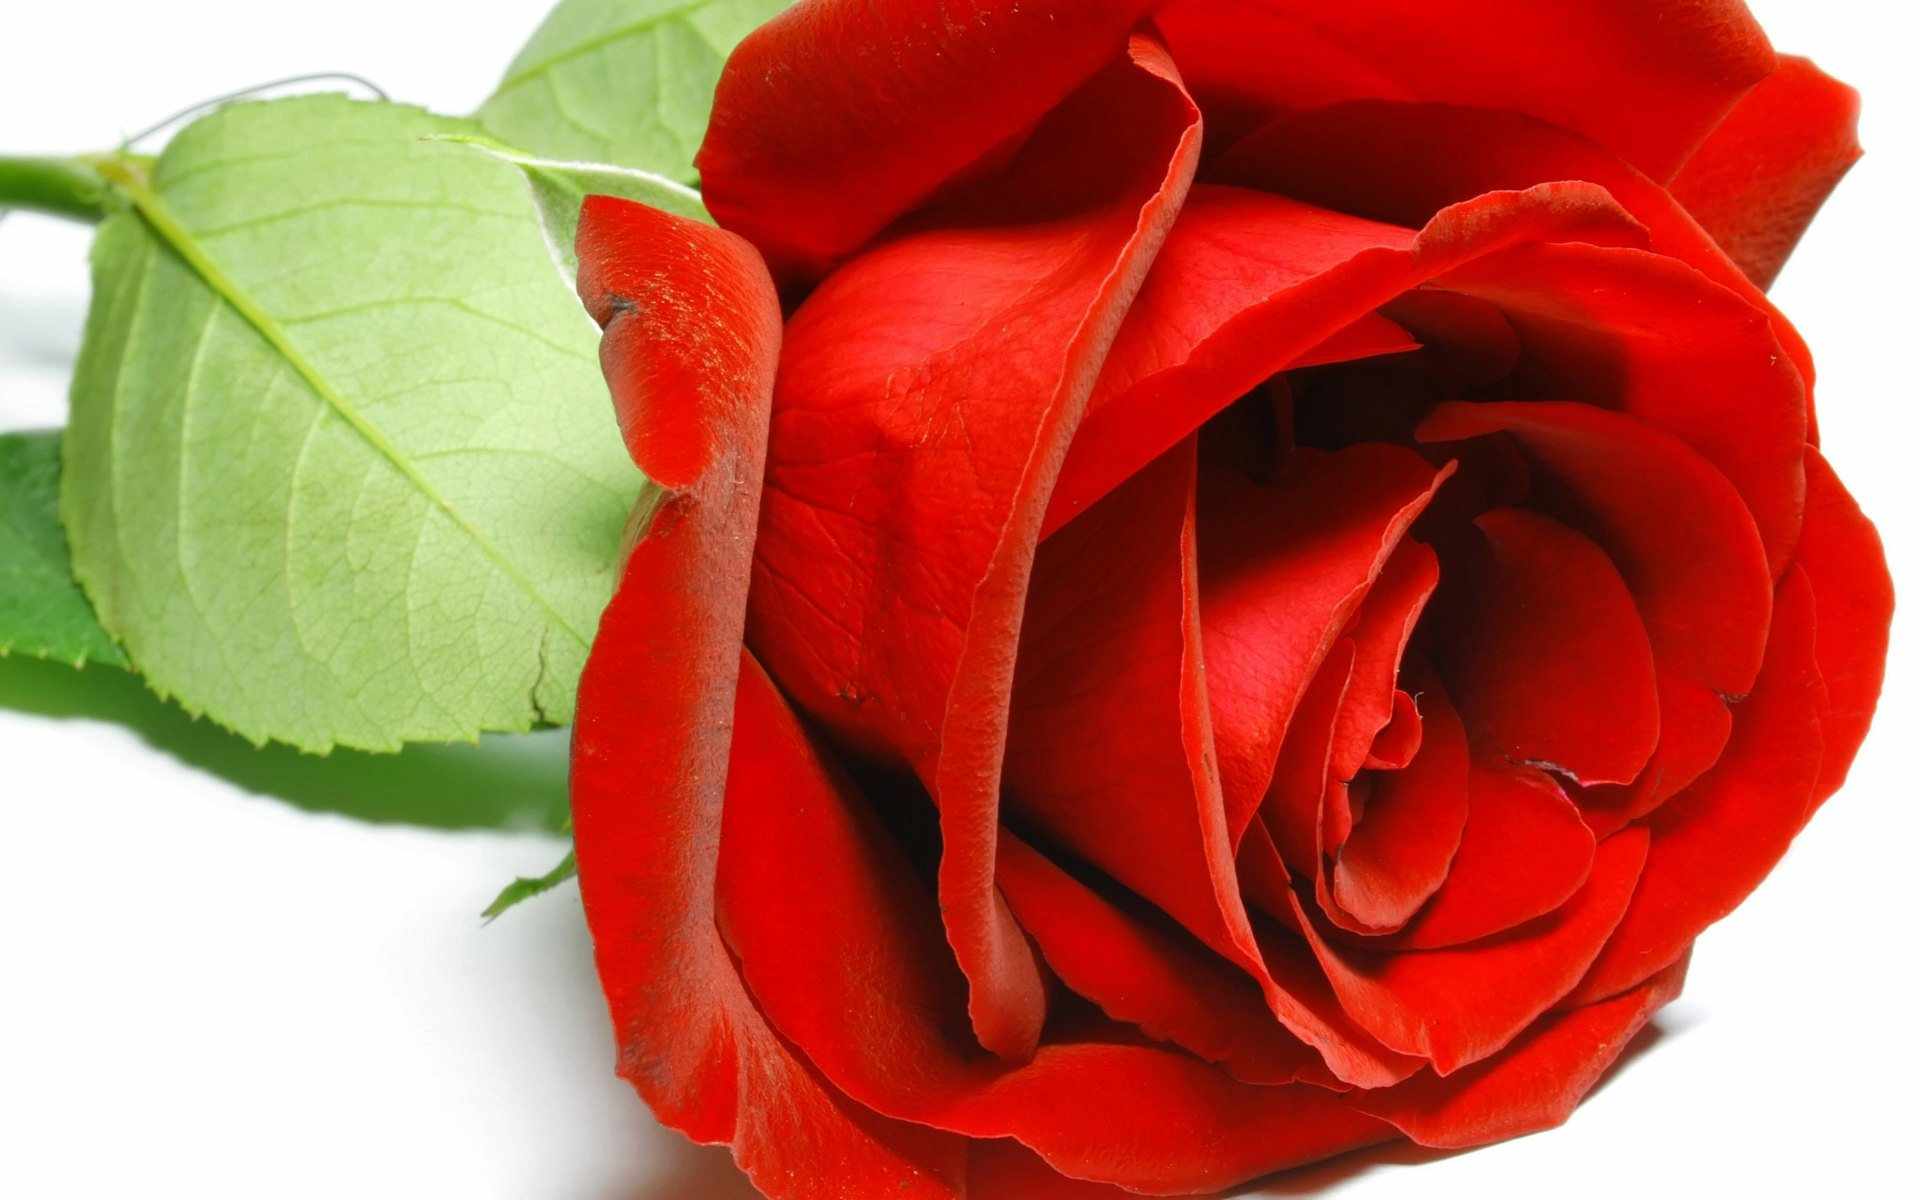 red rose macro wallpaper